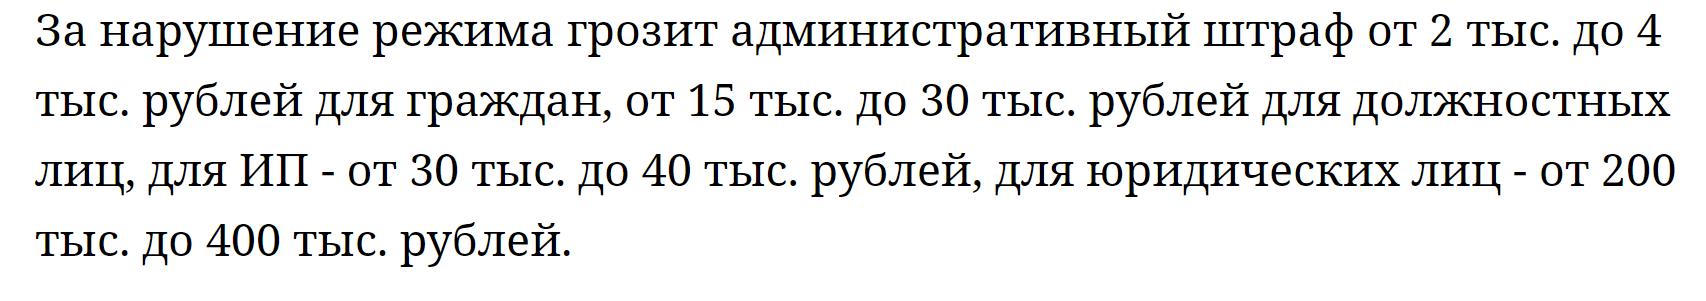 https://tass.ru/moskovskaya-oblast/11276039